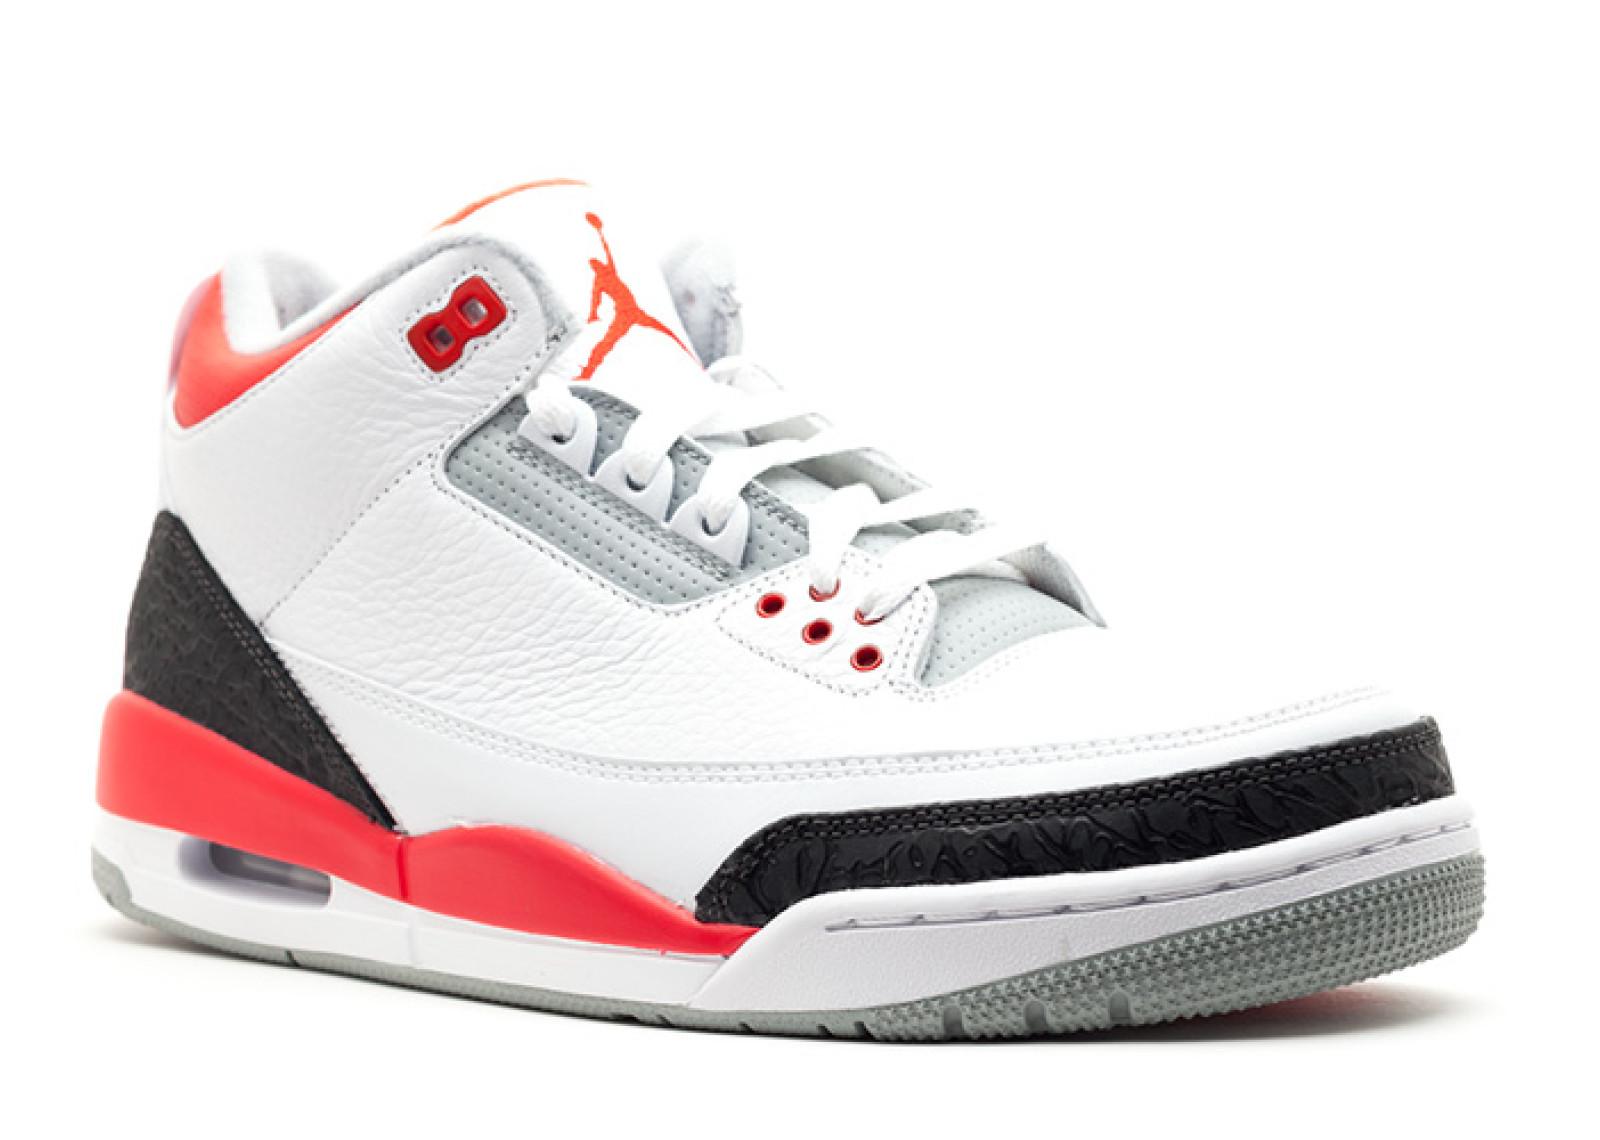 reputable site 16a88 1aaff Air Jordan - Men - Air Jordan 3 Retro '2013 Release' - 136064-120 - Size 13